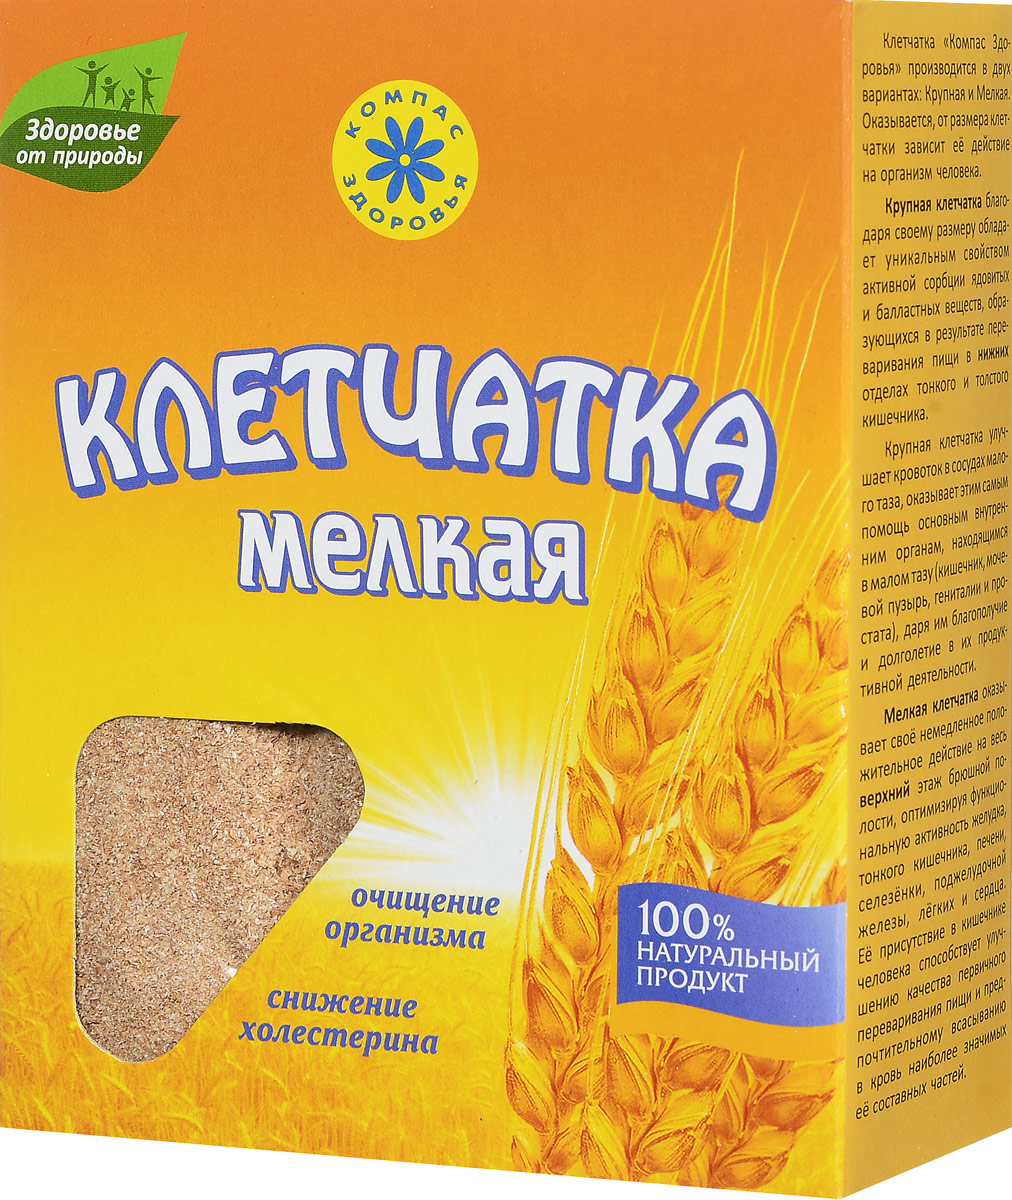 Компас Здоровья Мелкая клетчатка пшеничная, 200 г00000000380Мелкая клетчатка получена путём измельчения наружного слоя зерен пшеницы, выращенной в экологически чистых районов Алтая.Самое главное свойство мелкой клетчатки: она помогает легким и сердцу, верхним отделам желудочно-кишечного тракта вырабатывать тканевые гормоны. Это особые вещества, обеспечивающие единство в работе всех систем организма, гуморальное взаимодействие между органами, их подстройку друг к другу и, при необходимости, – помощь (например, ослабло сердце – почки должны удалить избыток воды из организма, а сигнал к этому подают тканевые гормоны).Мелкая клетчатка помогает кишечнику вырабатывать эти вещества – дирижёры. Верхний этаж брюшной полости успешно не только переваривает пищу, но и управляет обменом веществ в целом.